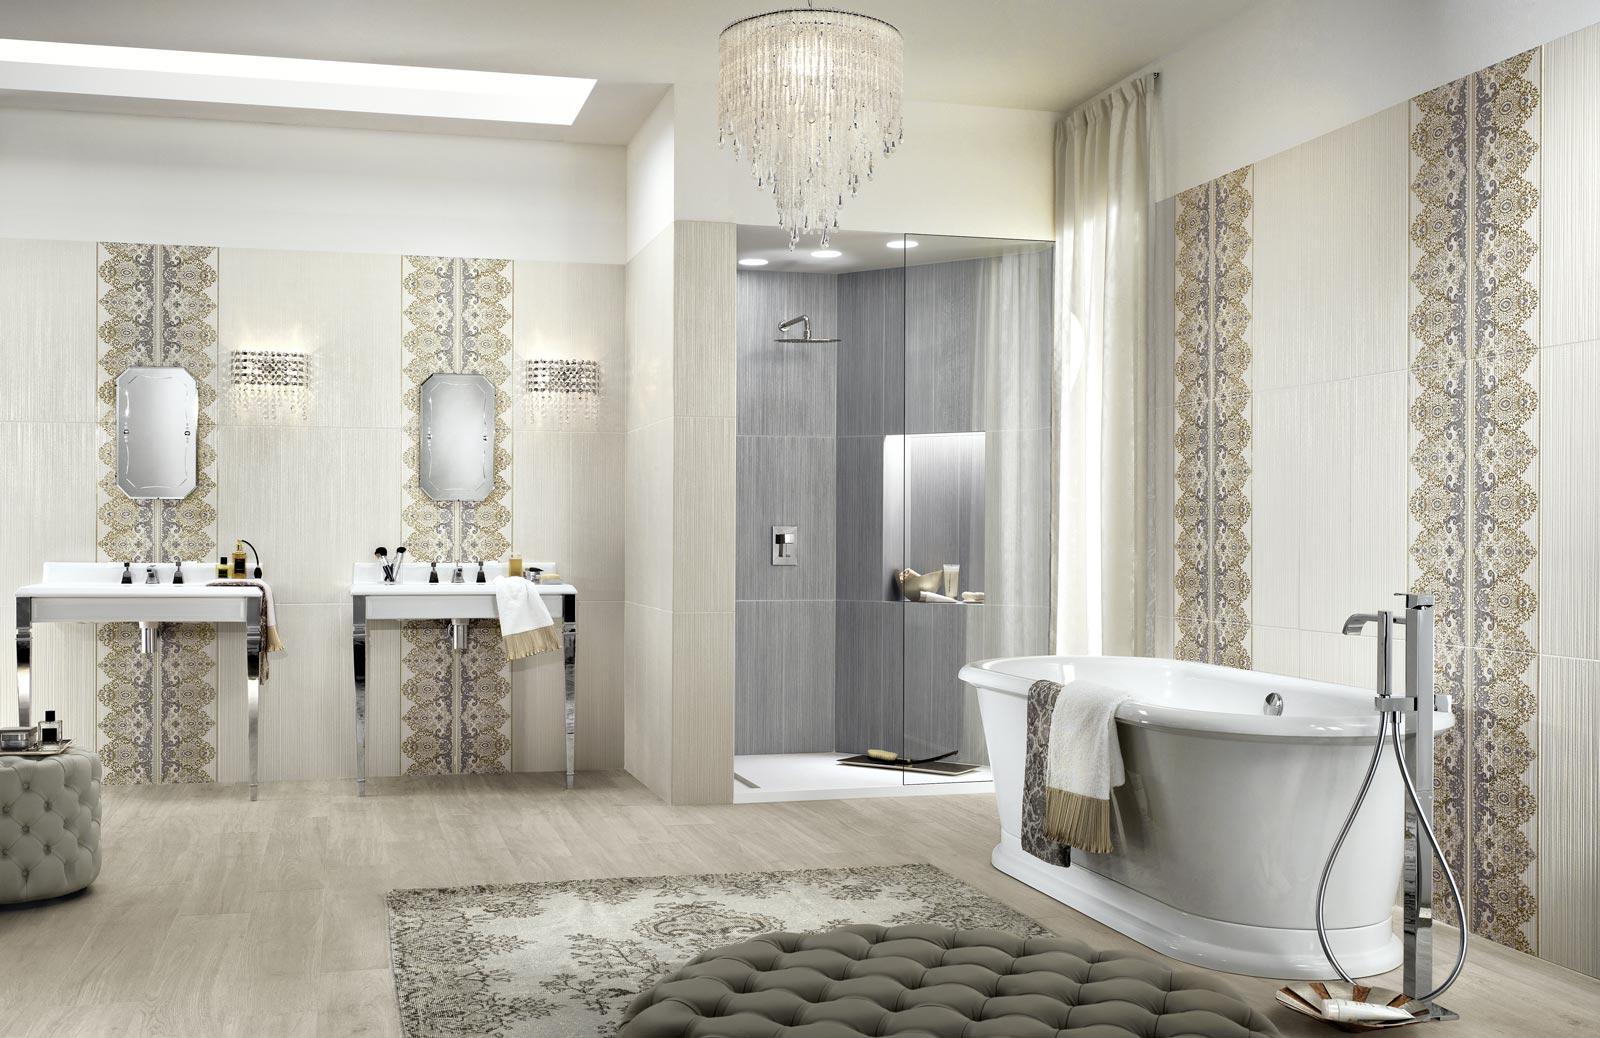 Collezione wallpaper rivestimenti classici per il bagno for Bagni ragno